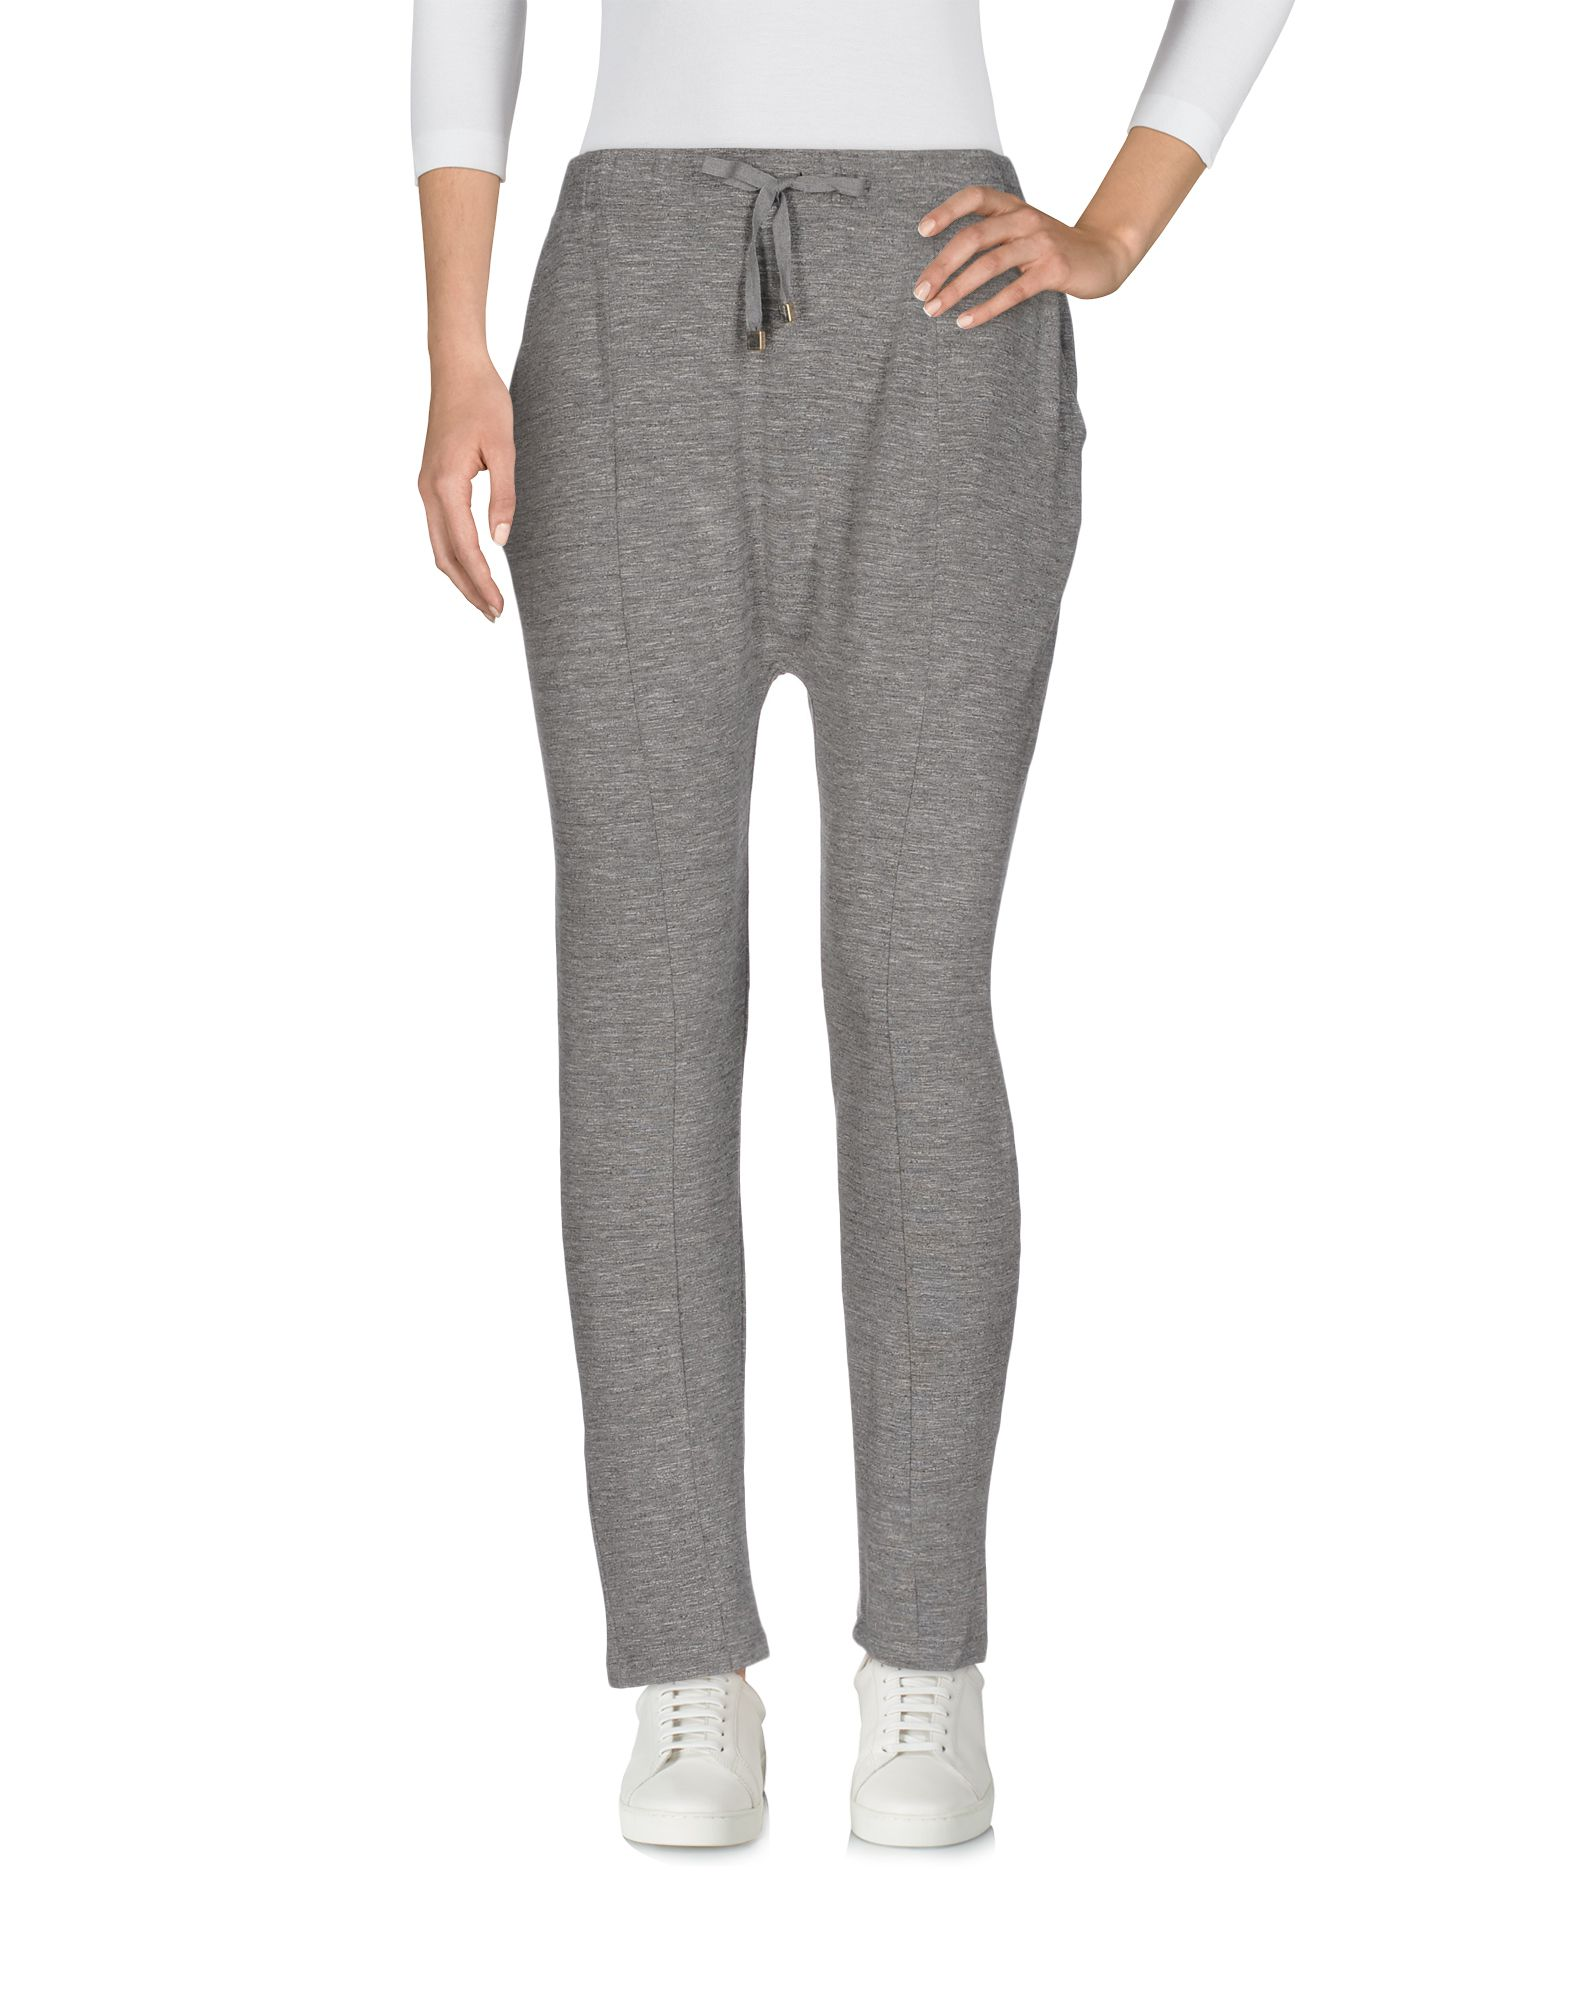 LE COEUR de TWIN-SET SIMONA BARBIERI Повседневные брюки olympia le tan джинсовые брюки